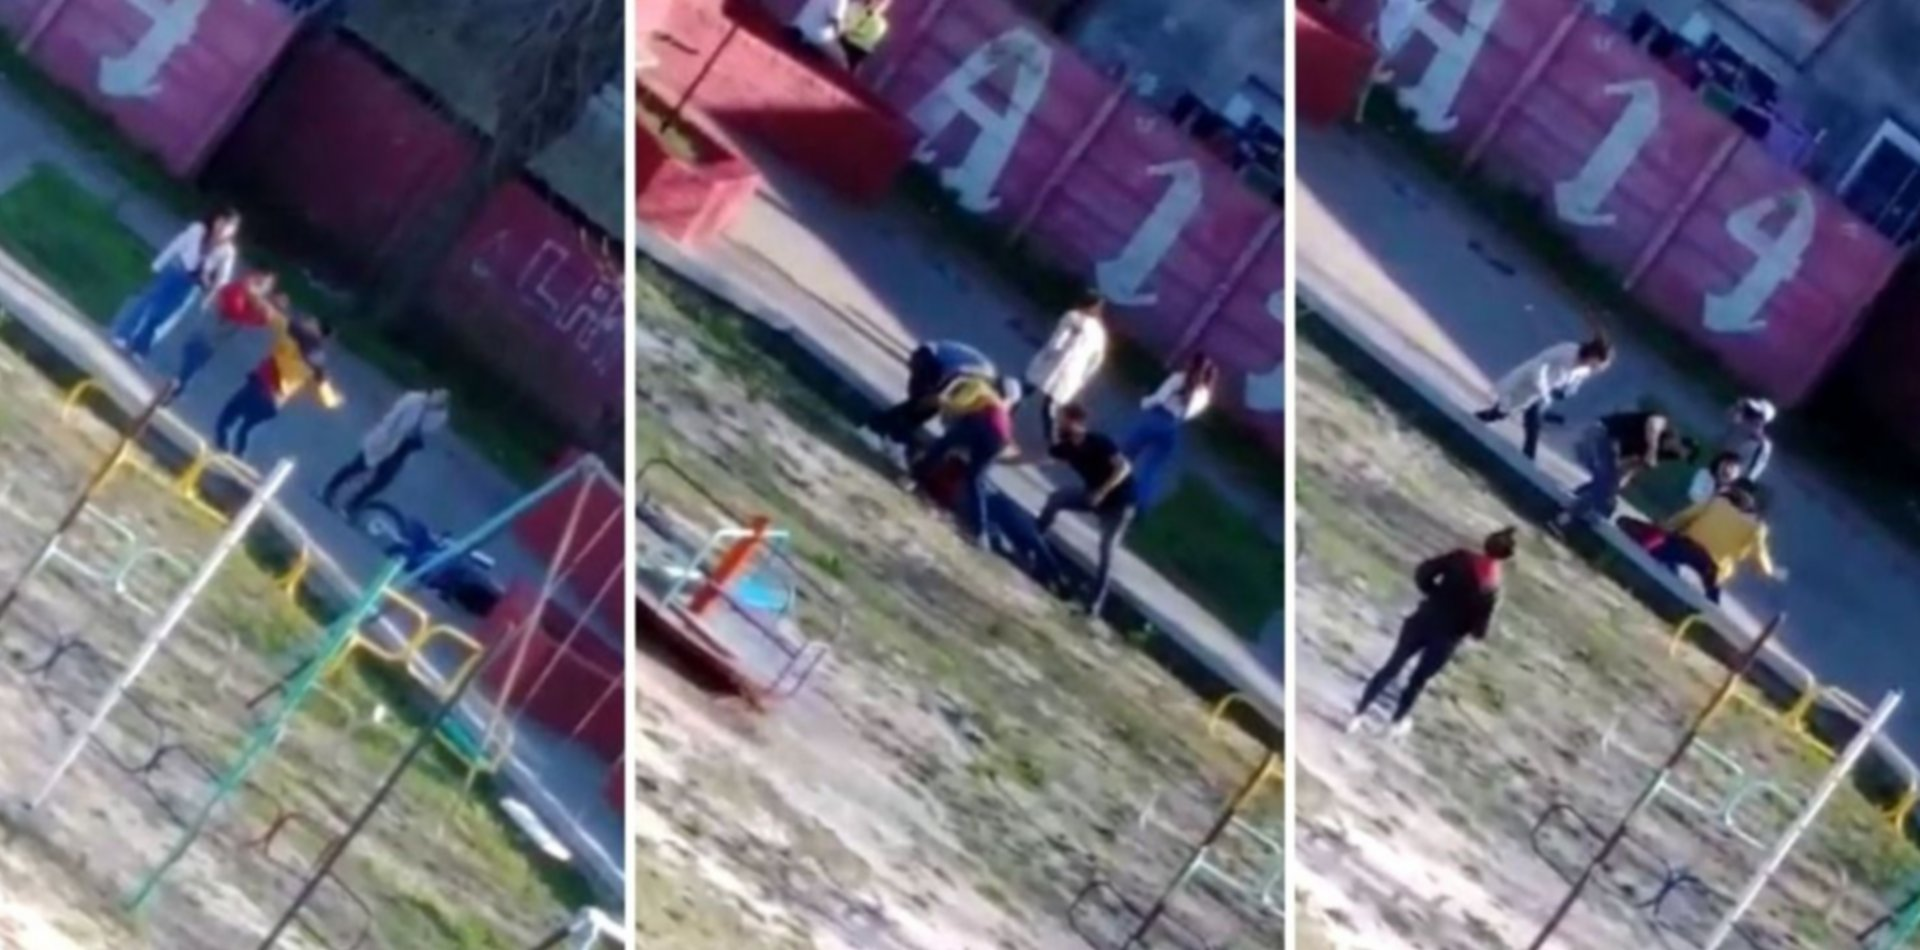 VIDEO: Atacaron con piñas y patadas a un joven y apuntan a la interna de la UOCRA